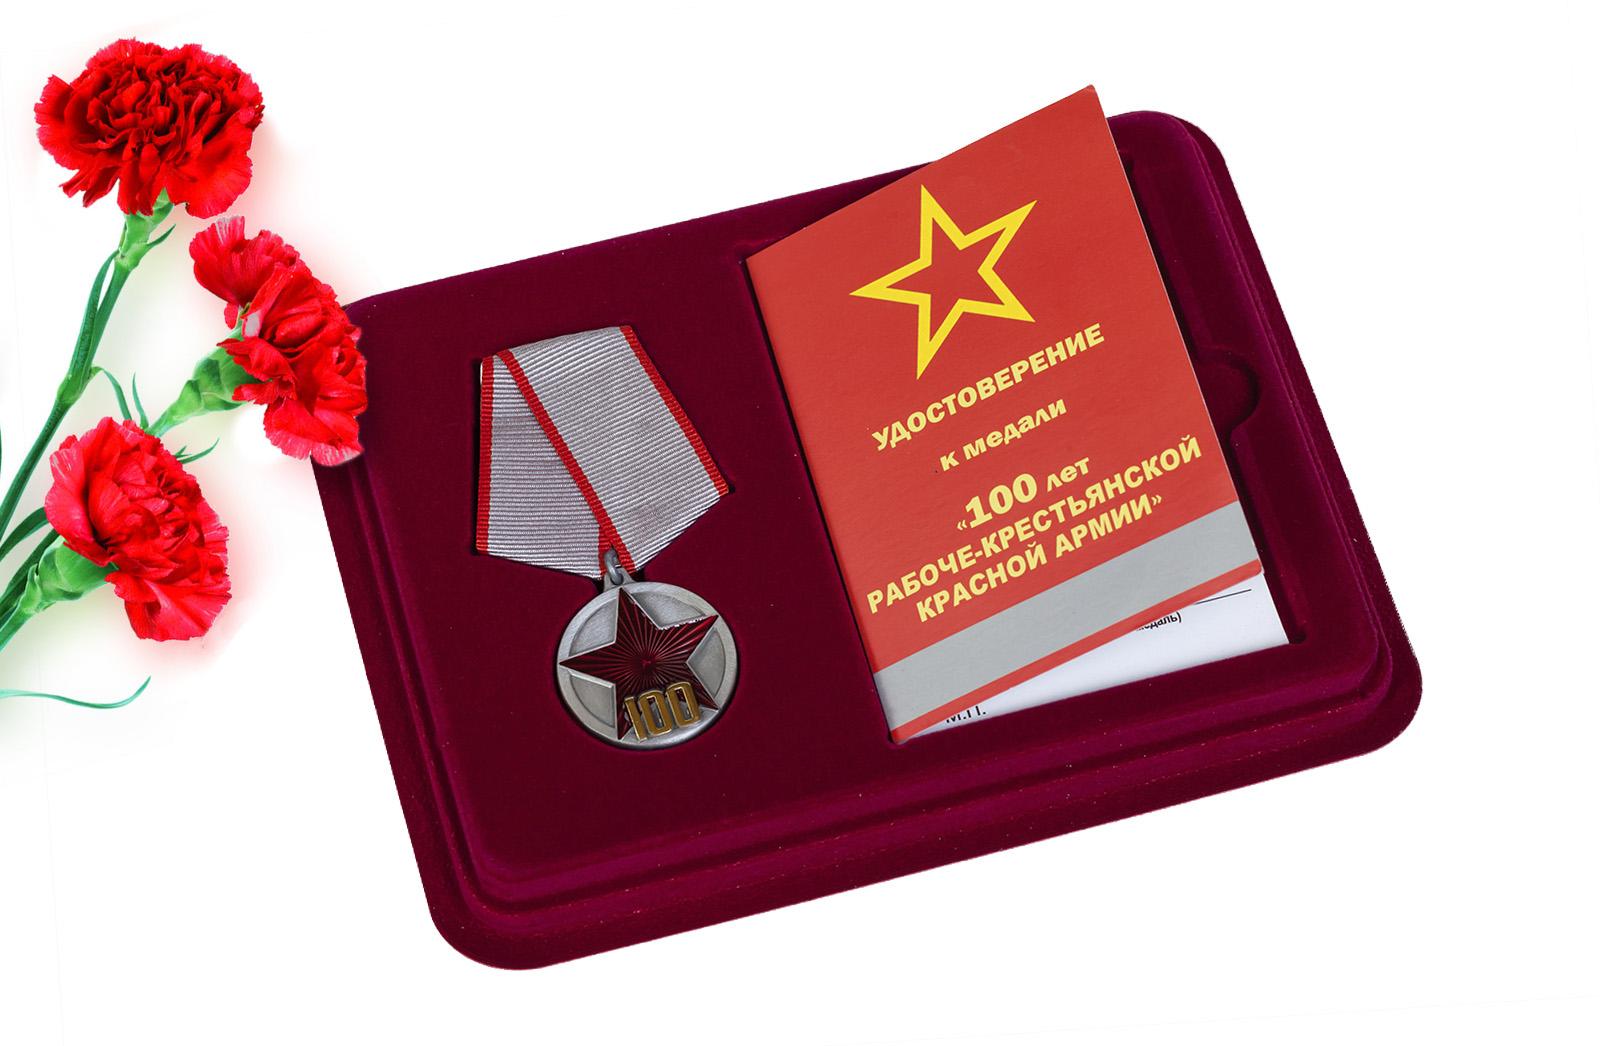 Купить юбилейную медаль 100 лет РККА оптом или в розницу